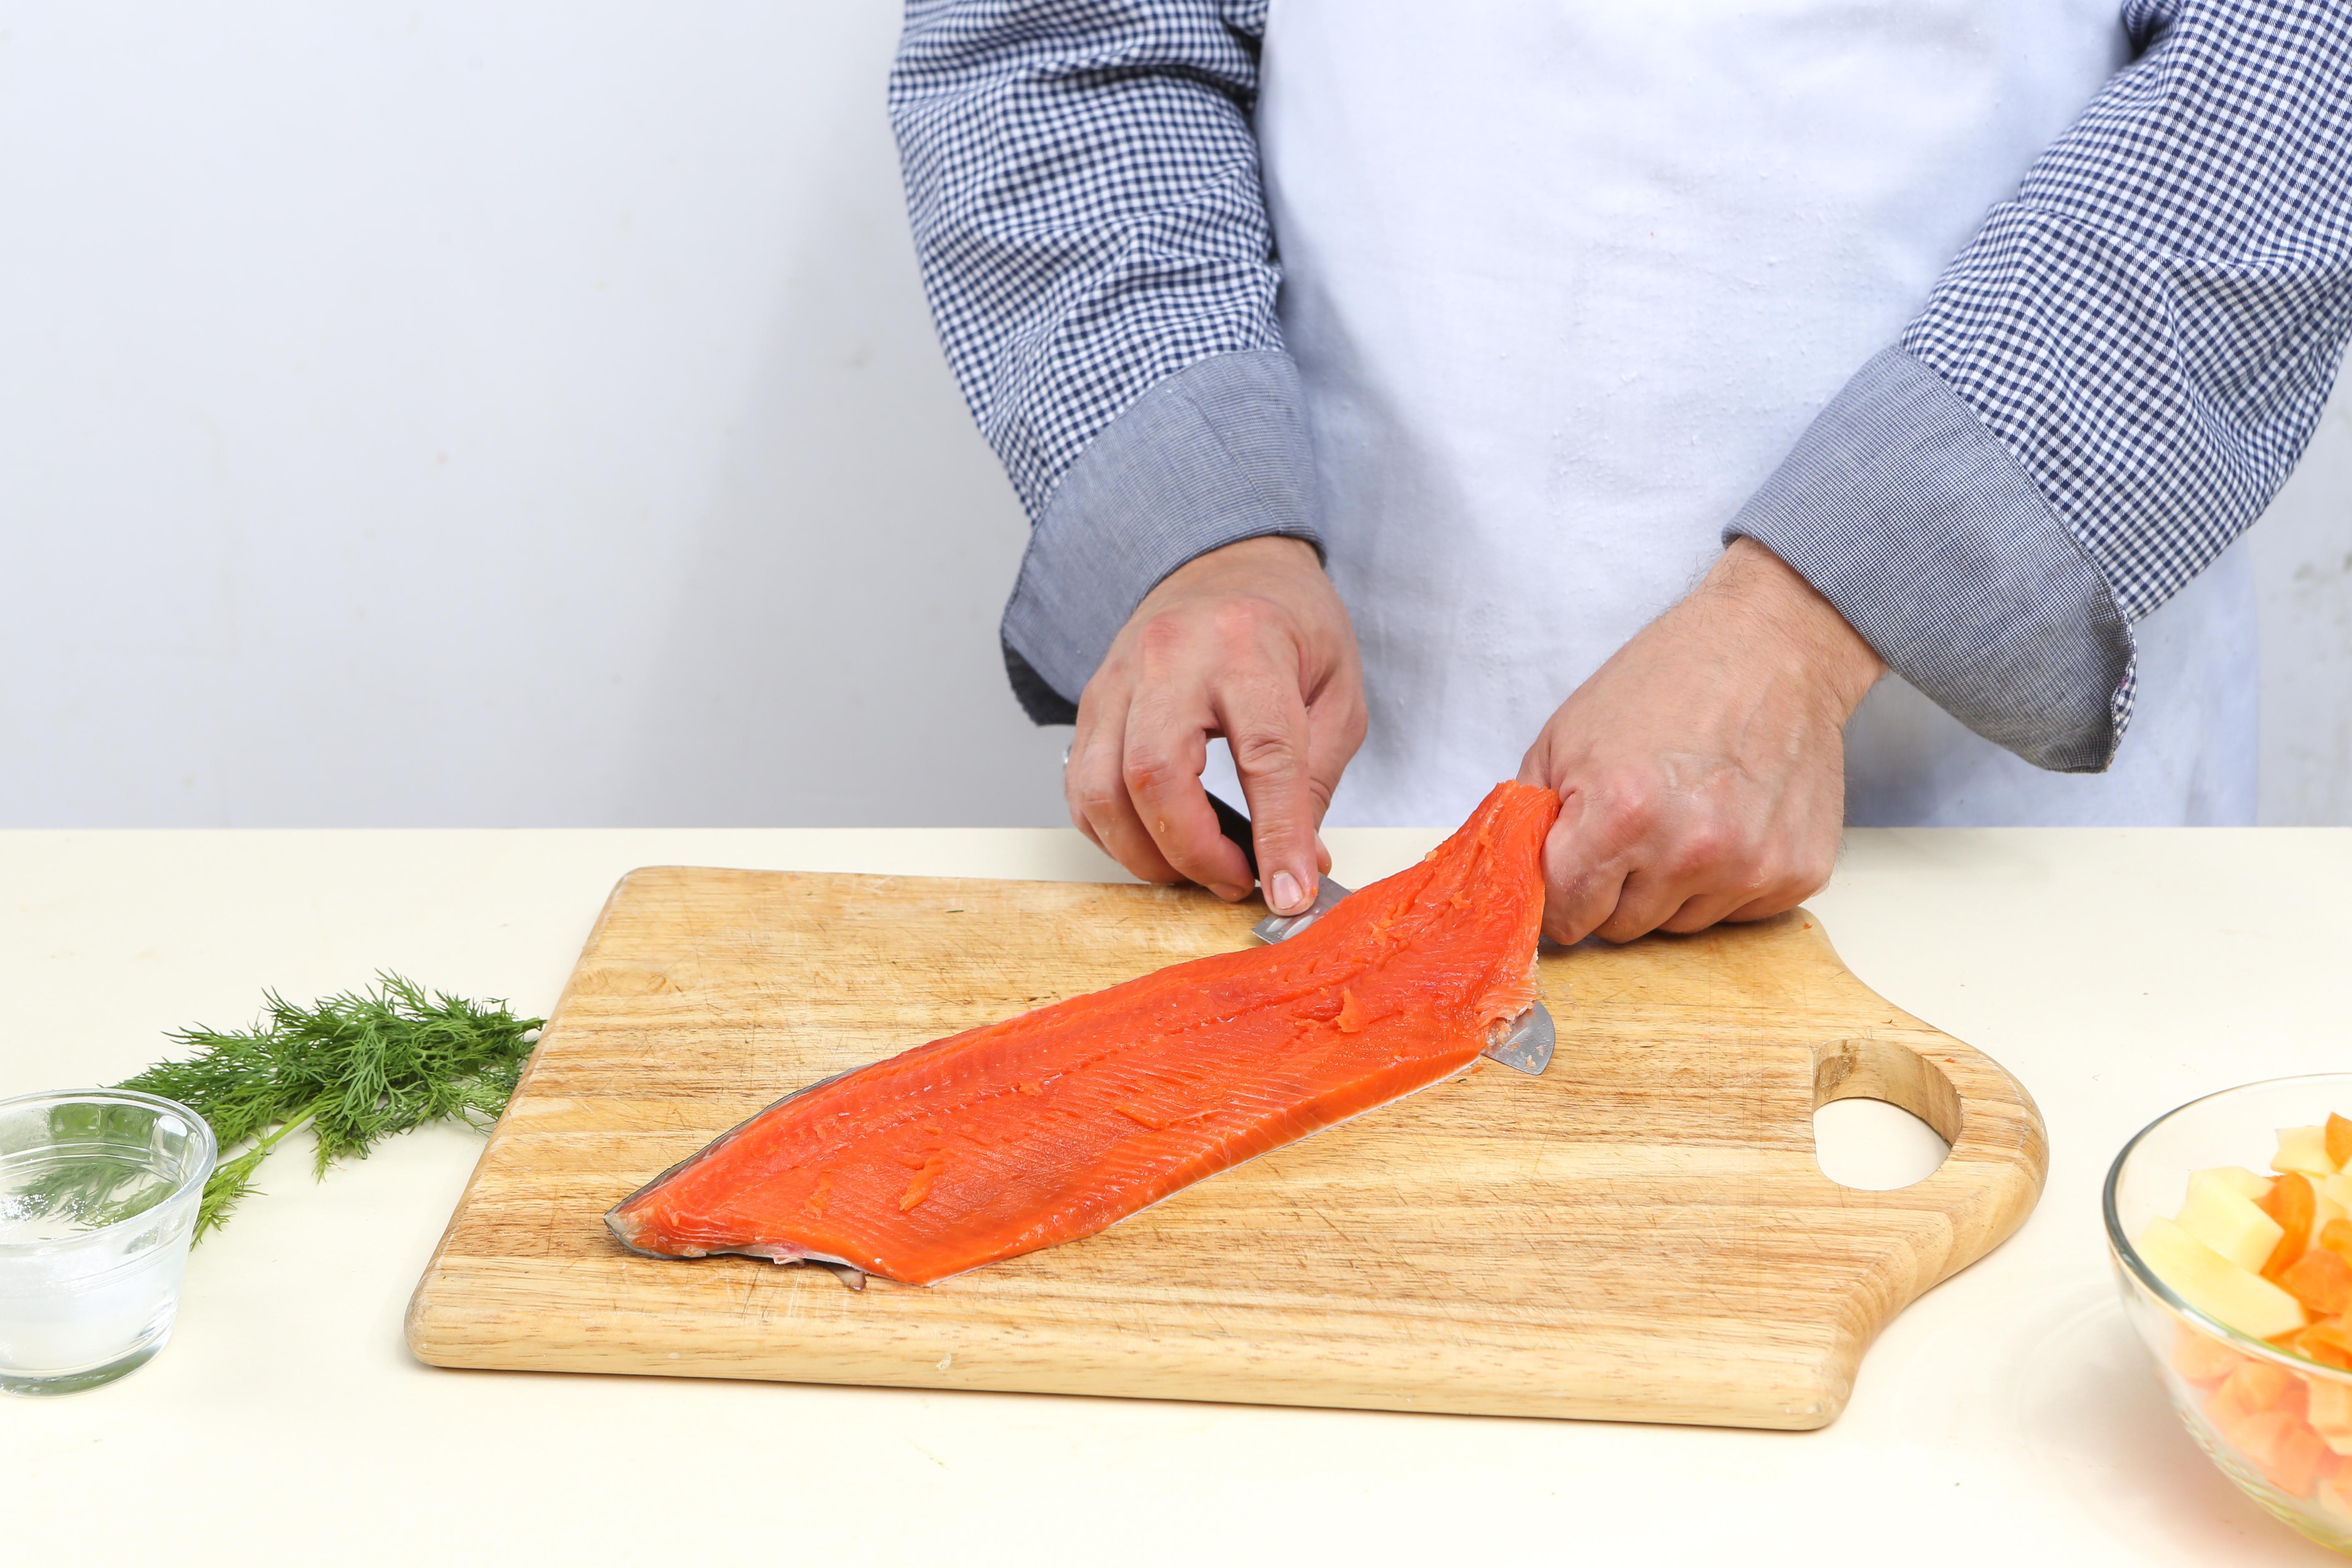 Фото приготовления рецепта: Домашняя уха со слабосоленой неркой , шаг №5